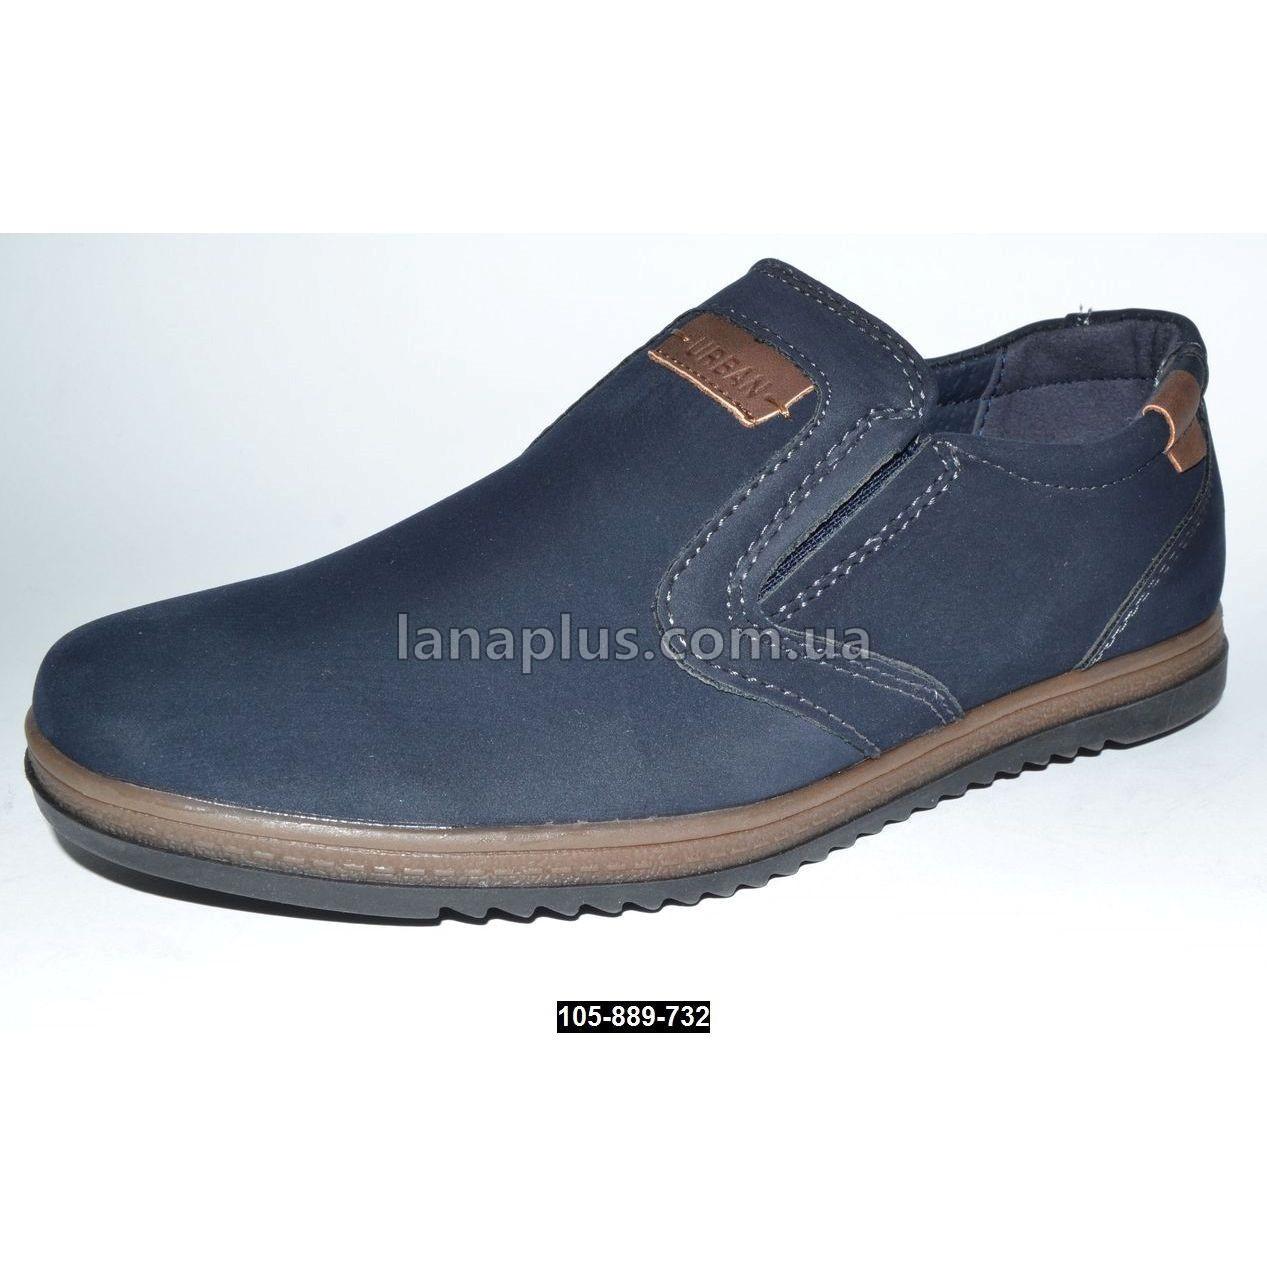 Туфли для мальчика 35 размер (22.5 см), супинатор, 105-889-732